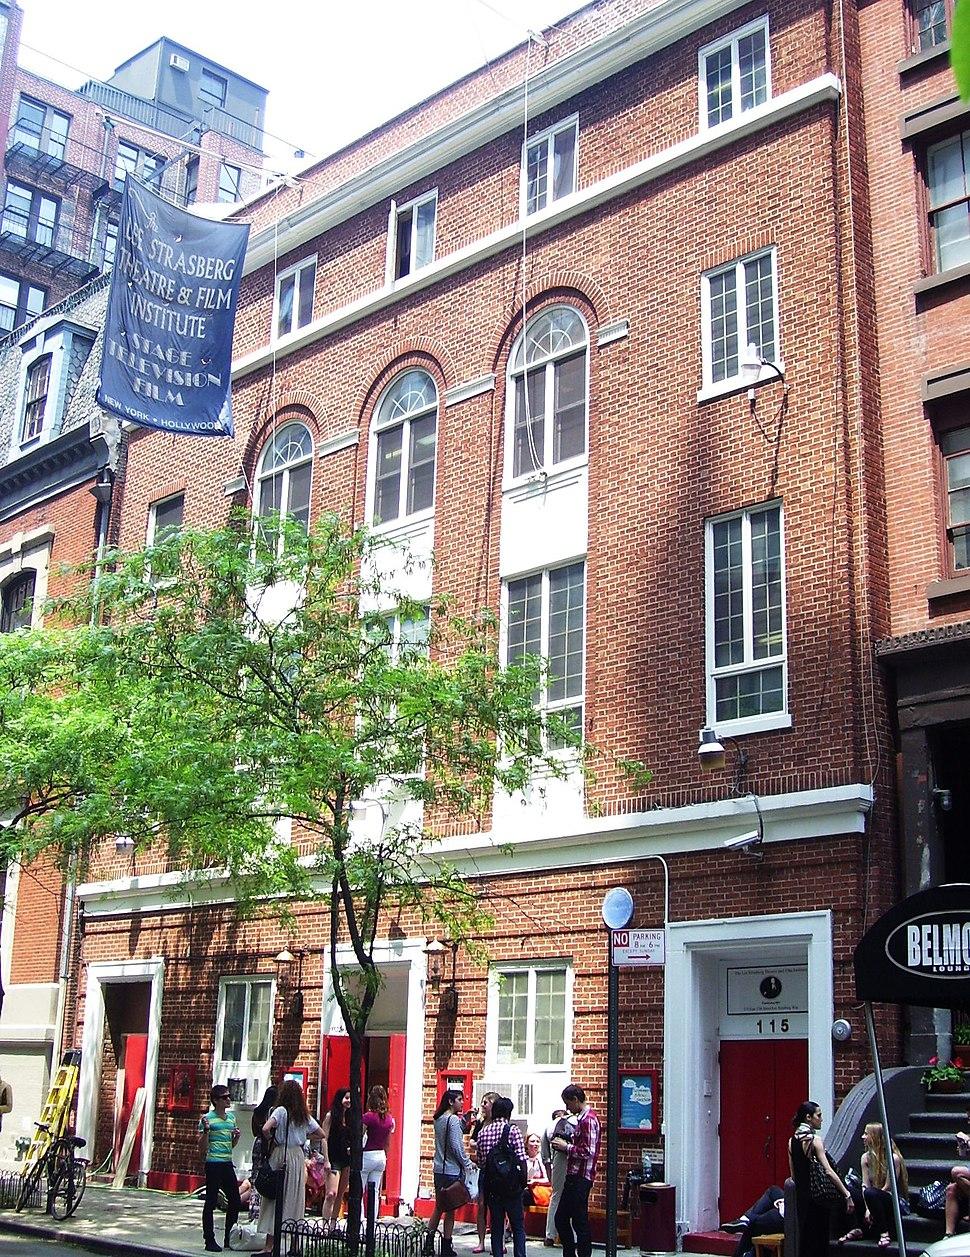 Lee Strasberg Institute 115 East 15th Street